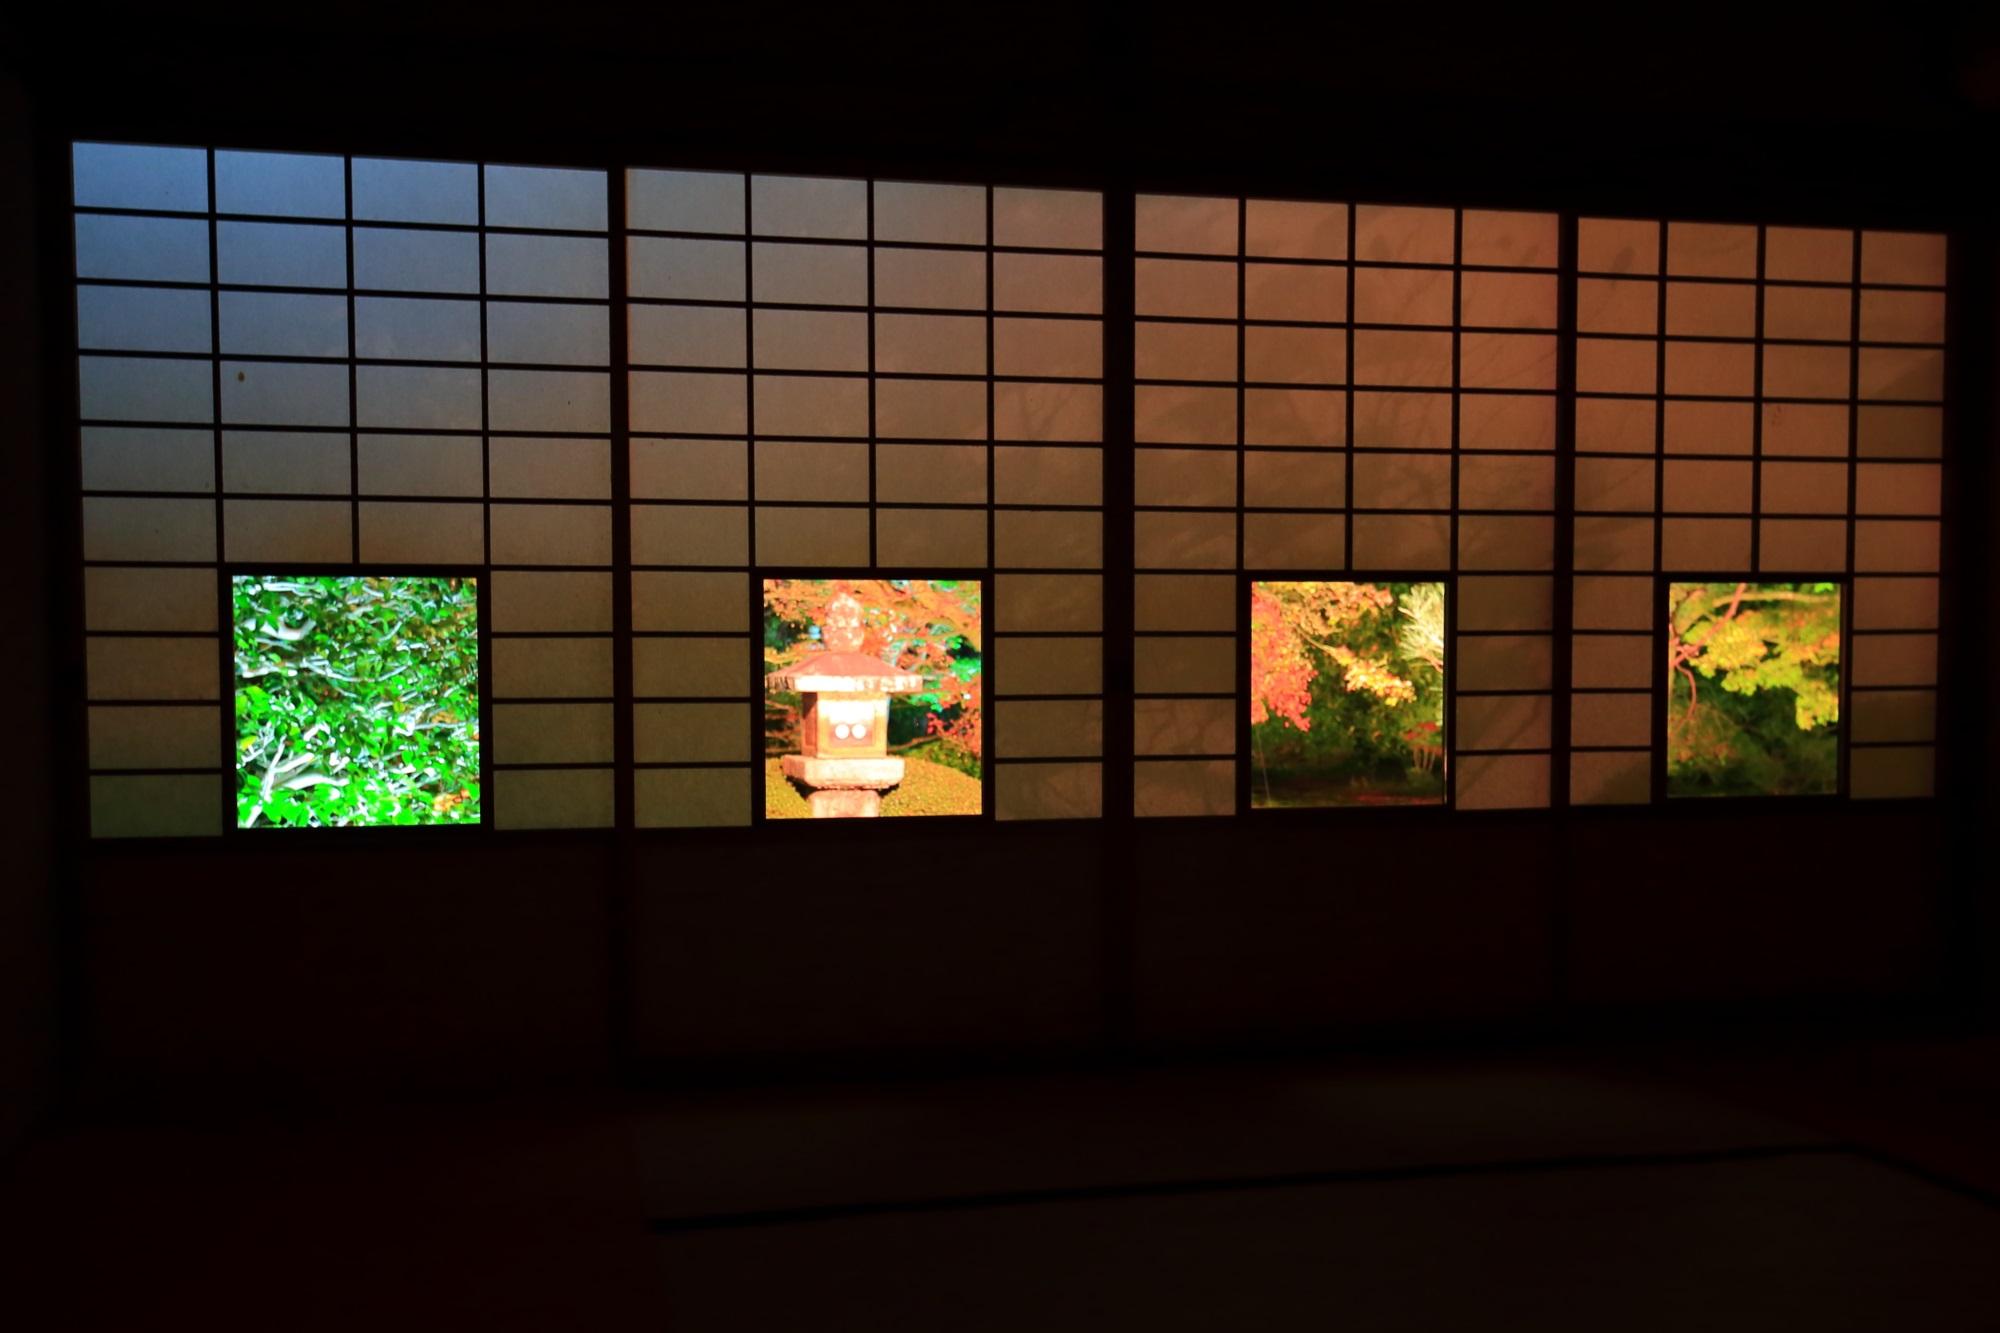 泉涌寺別院のうんりゅういんの蓮華の間の紅葉ライトアップ